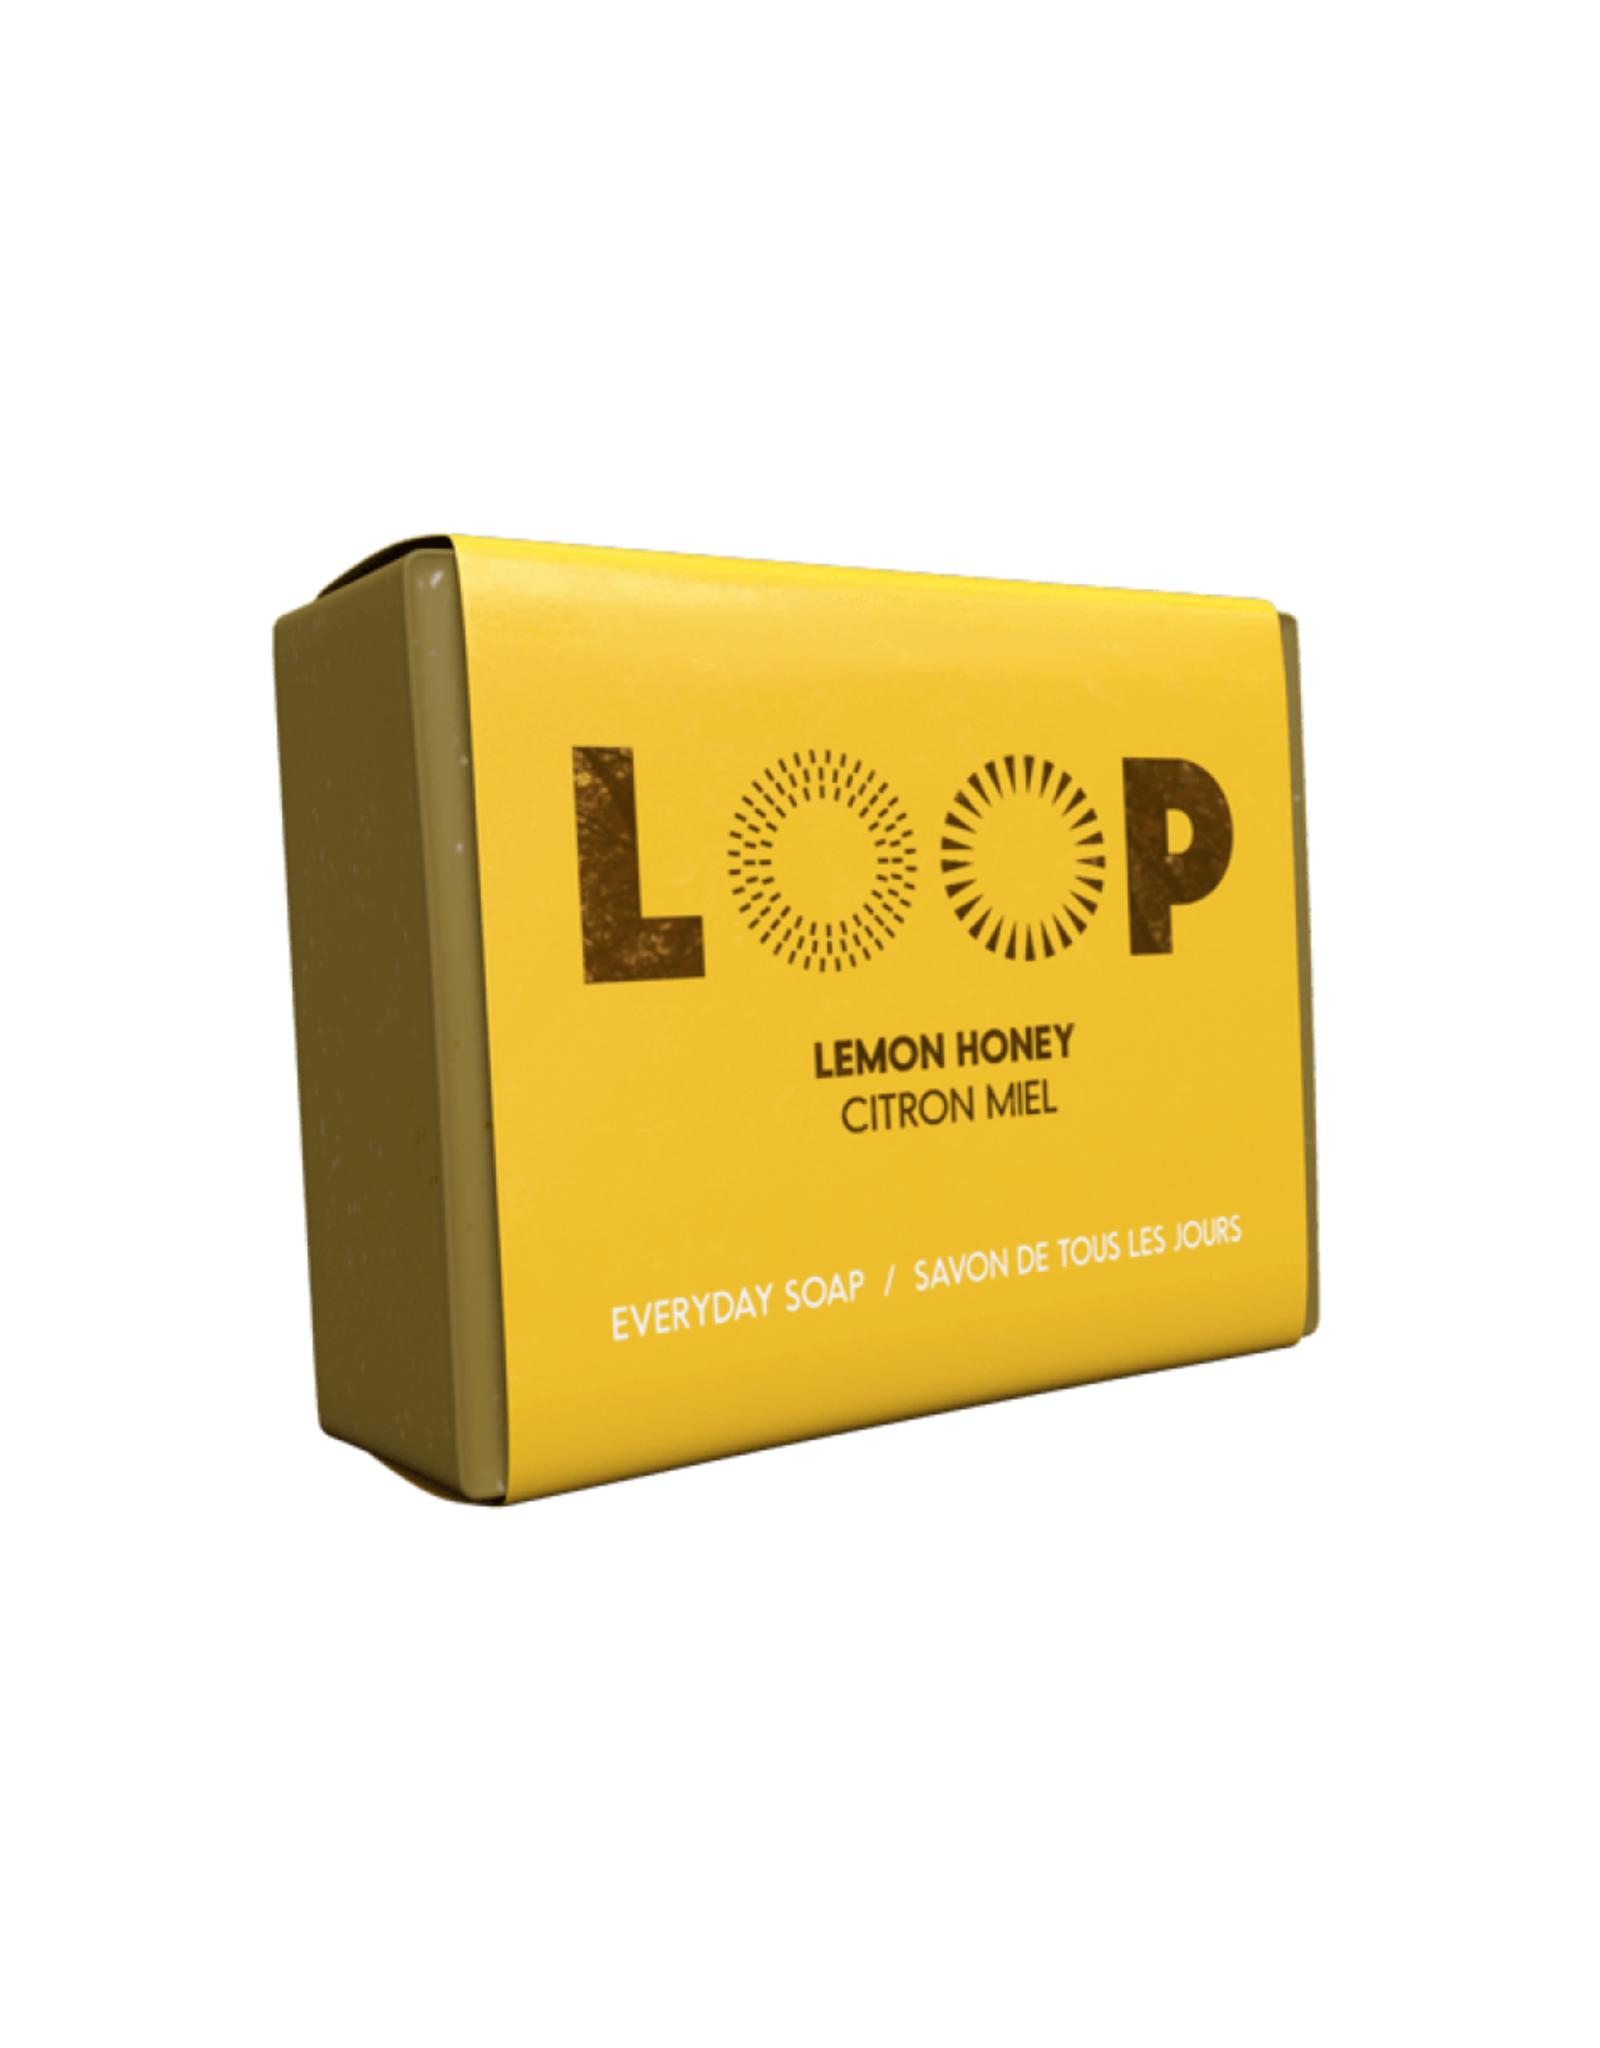 PLH - Loop Soap/Lemon Honey, 100g